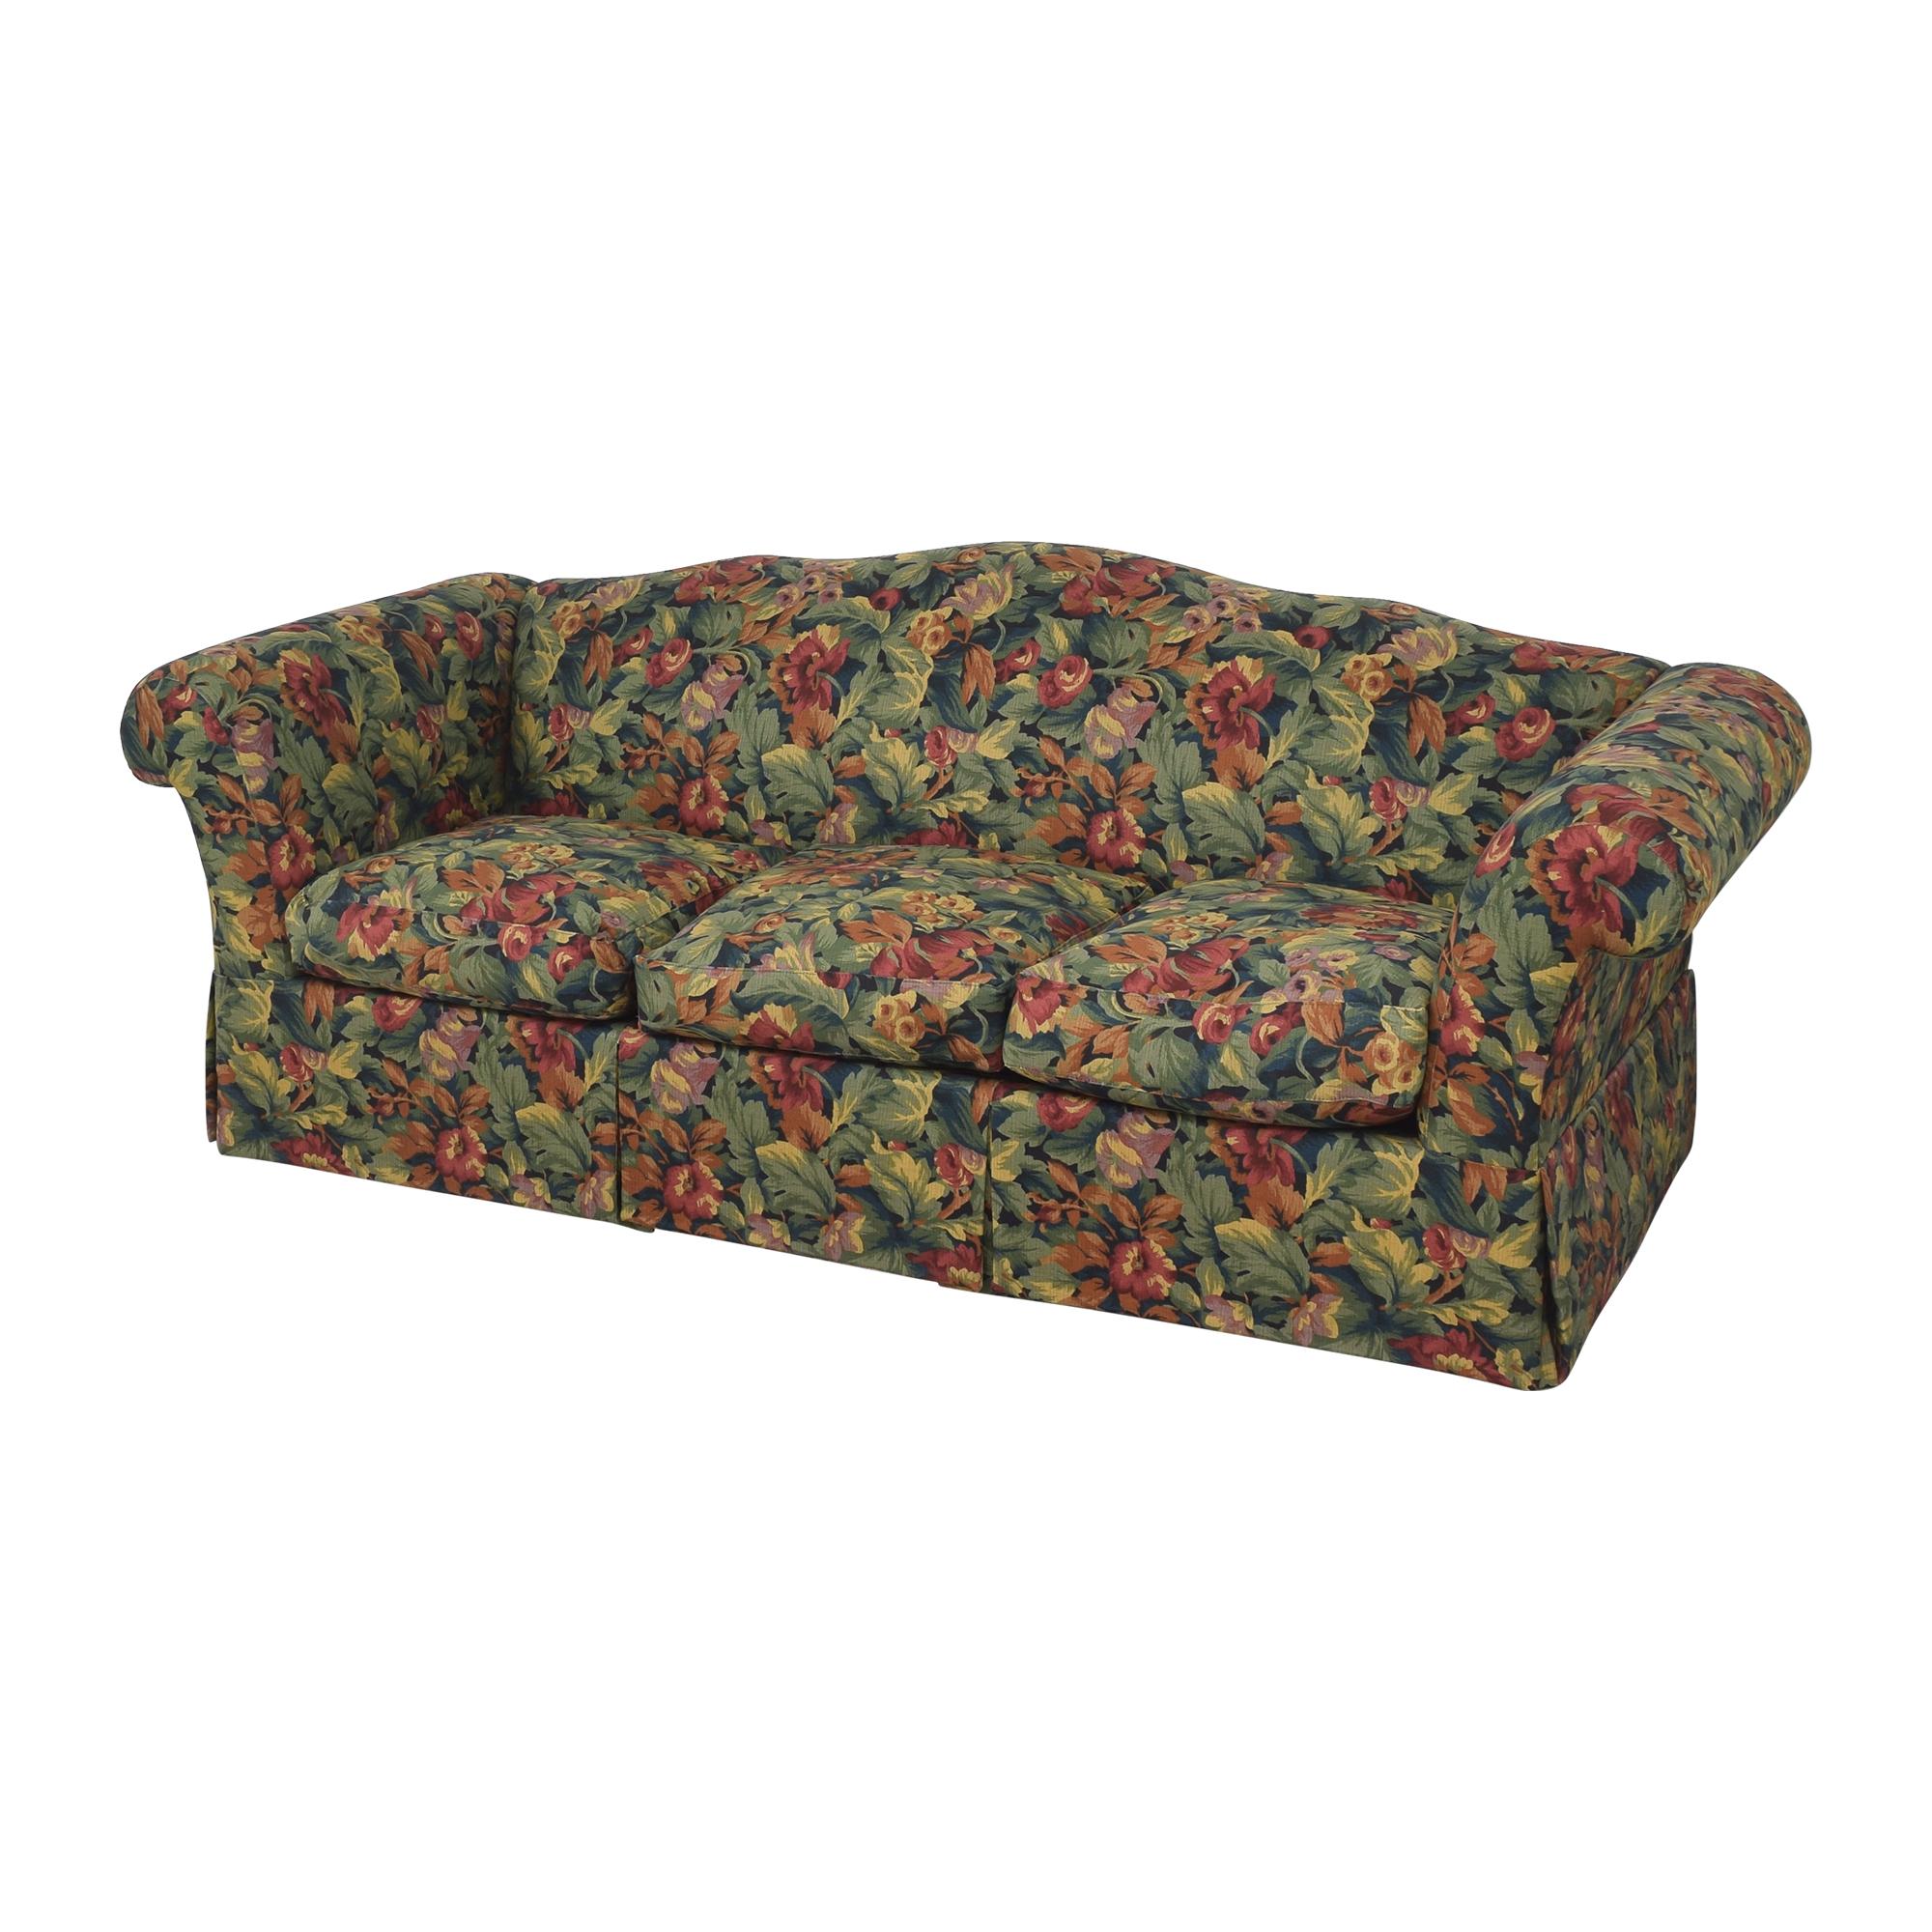 Floral Three Cushion Sofa